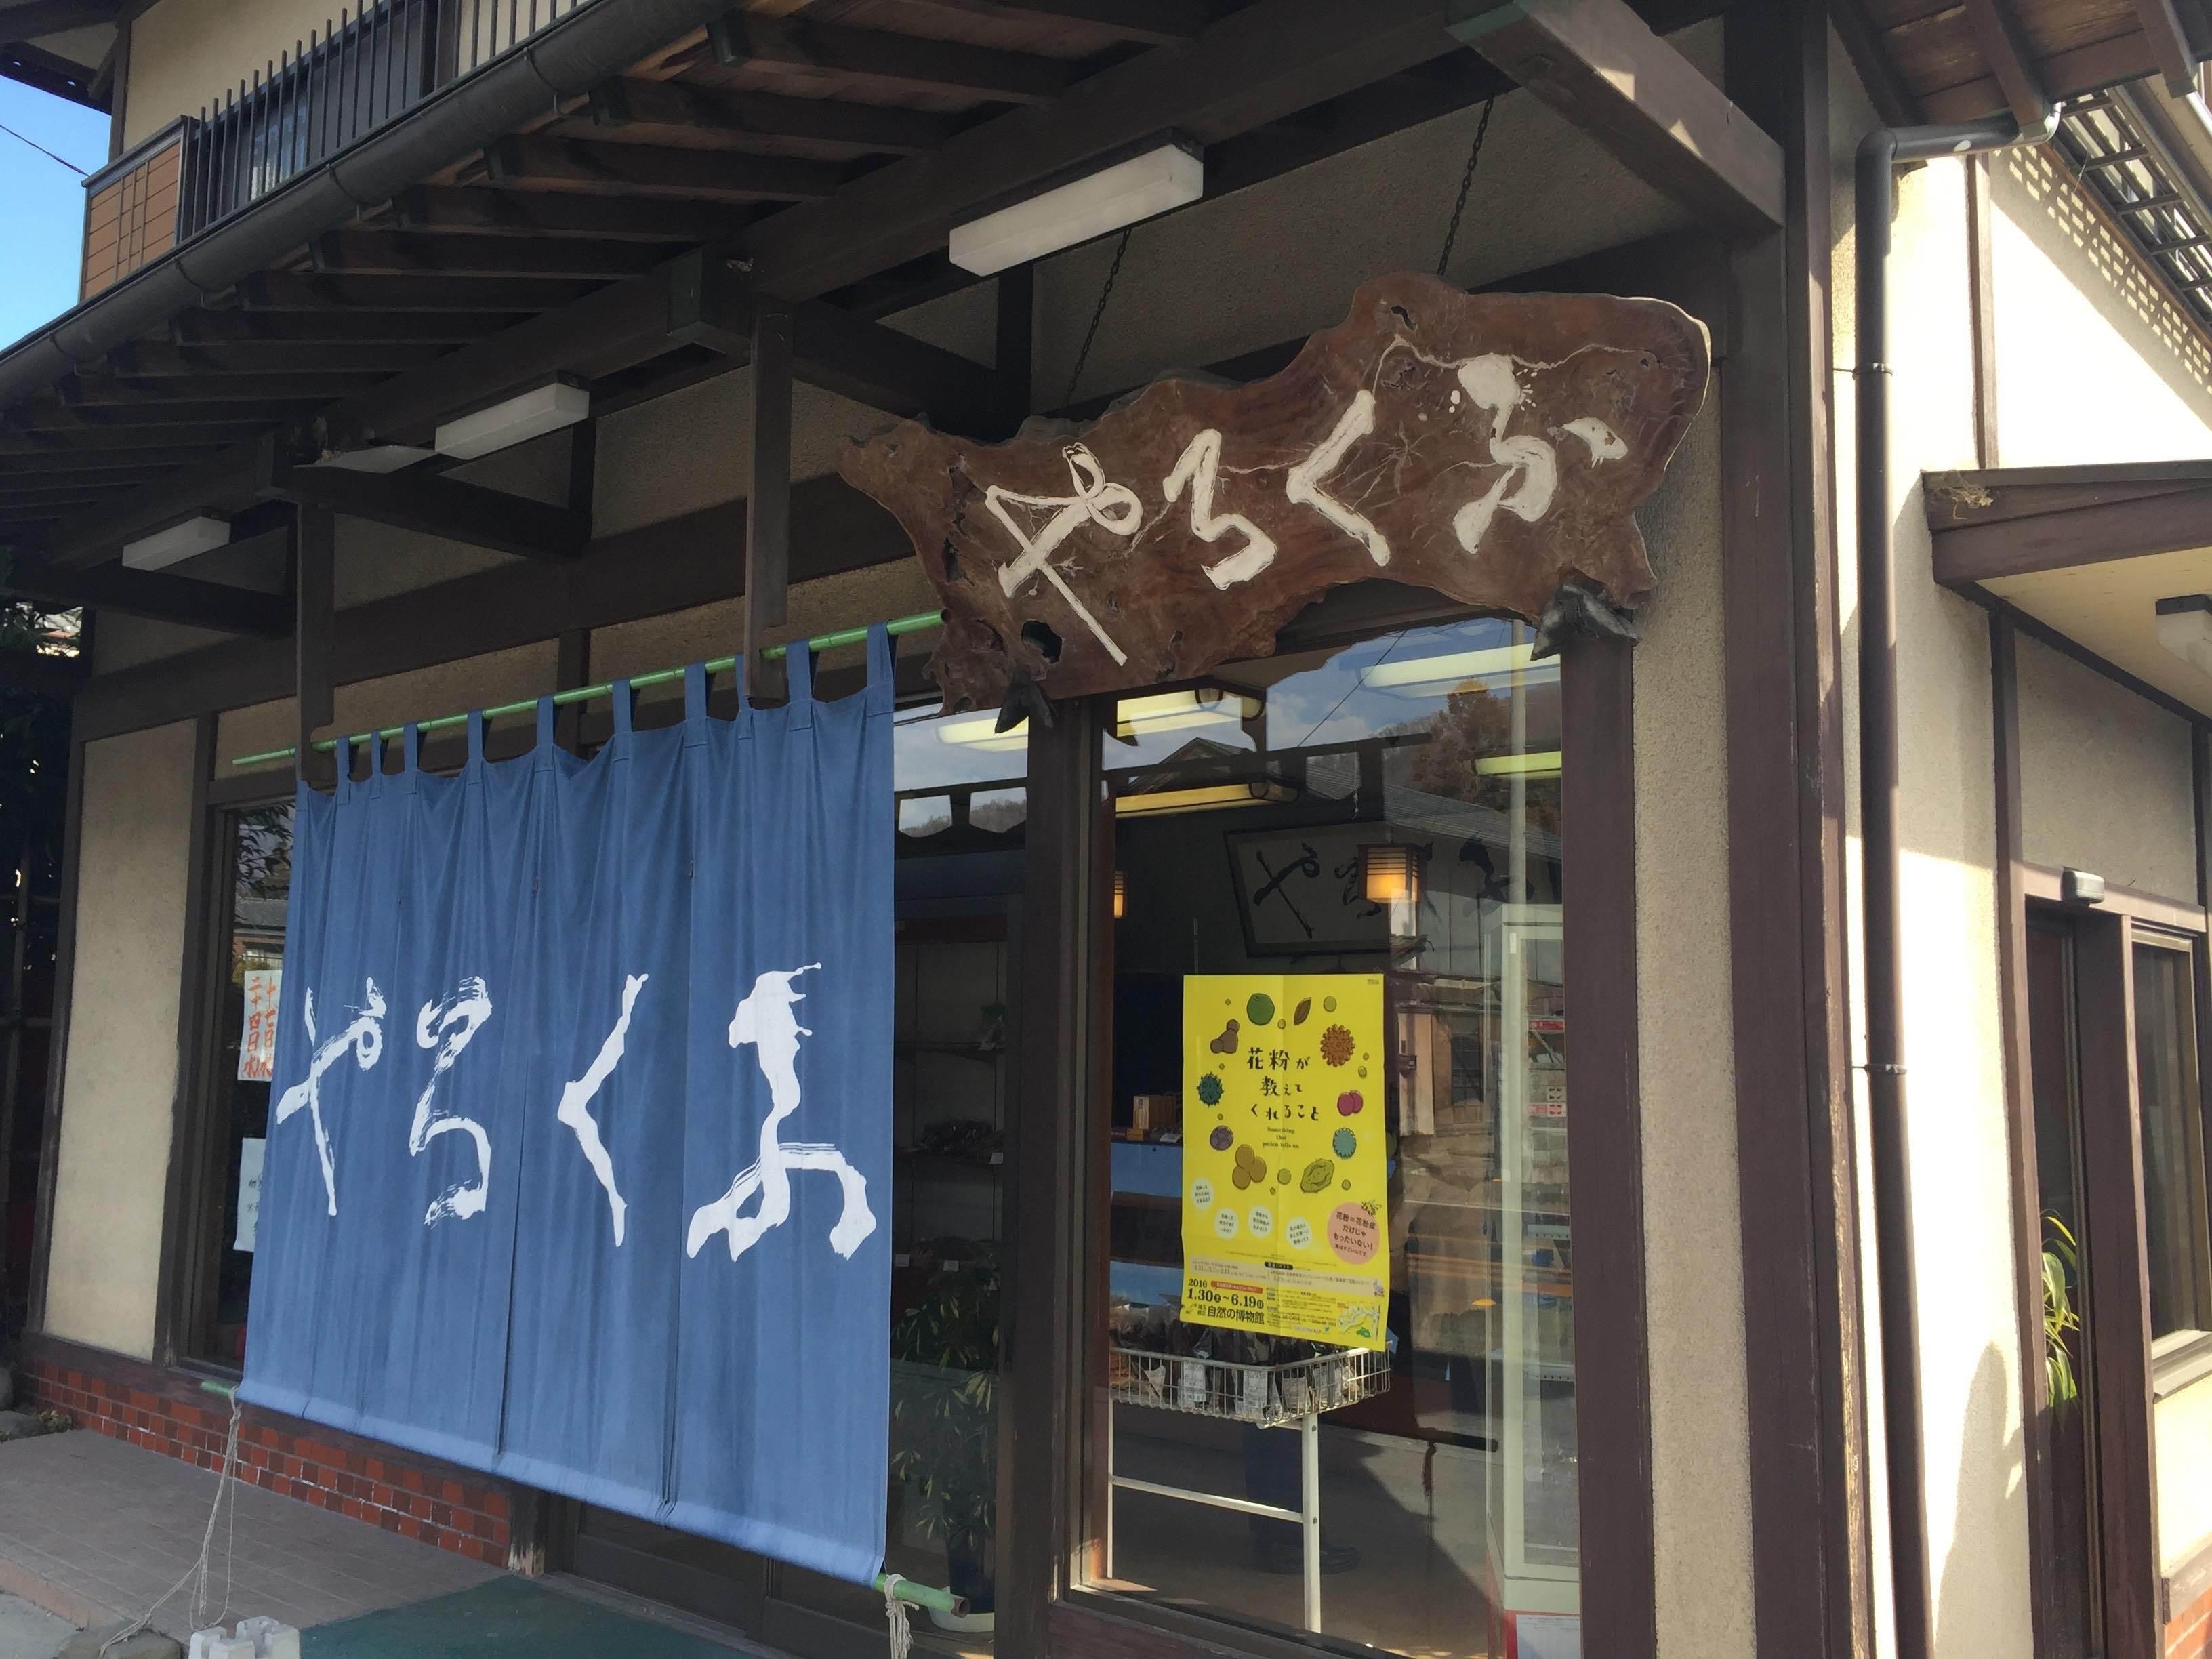 【埼玉】秩父・長瀞町で発見!個性派絶品スイーツおいしいものだけ厳選5選